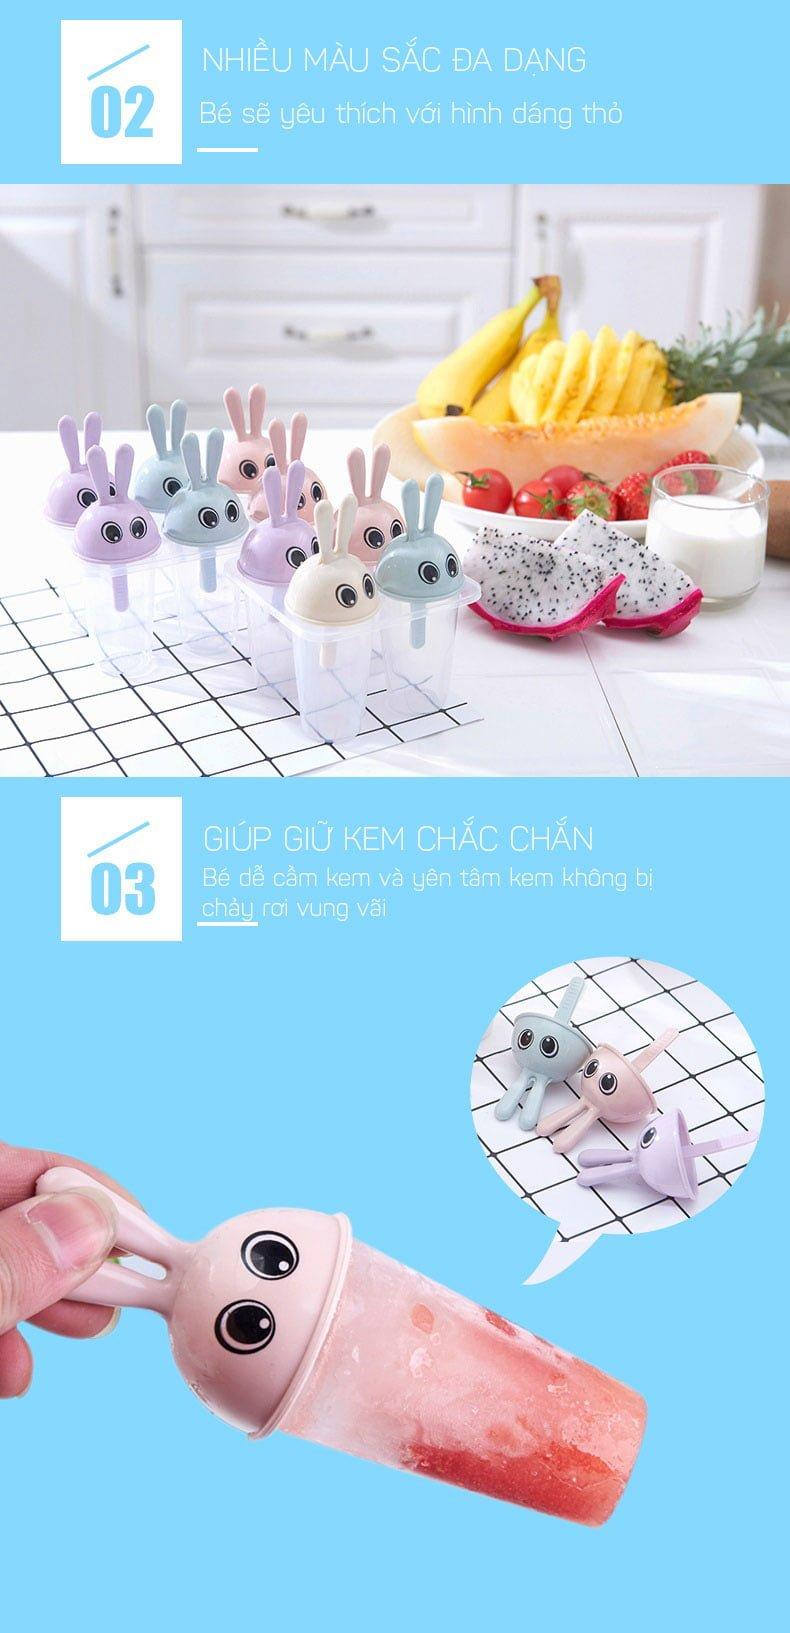 Khuôn làm kem hình thỏ THome RBN06 giá rẻ6